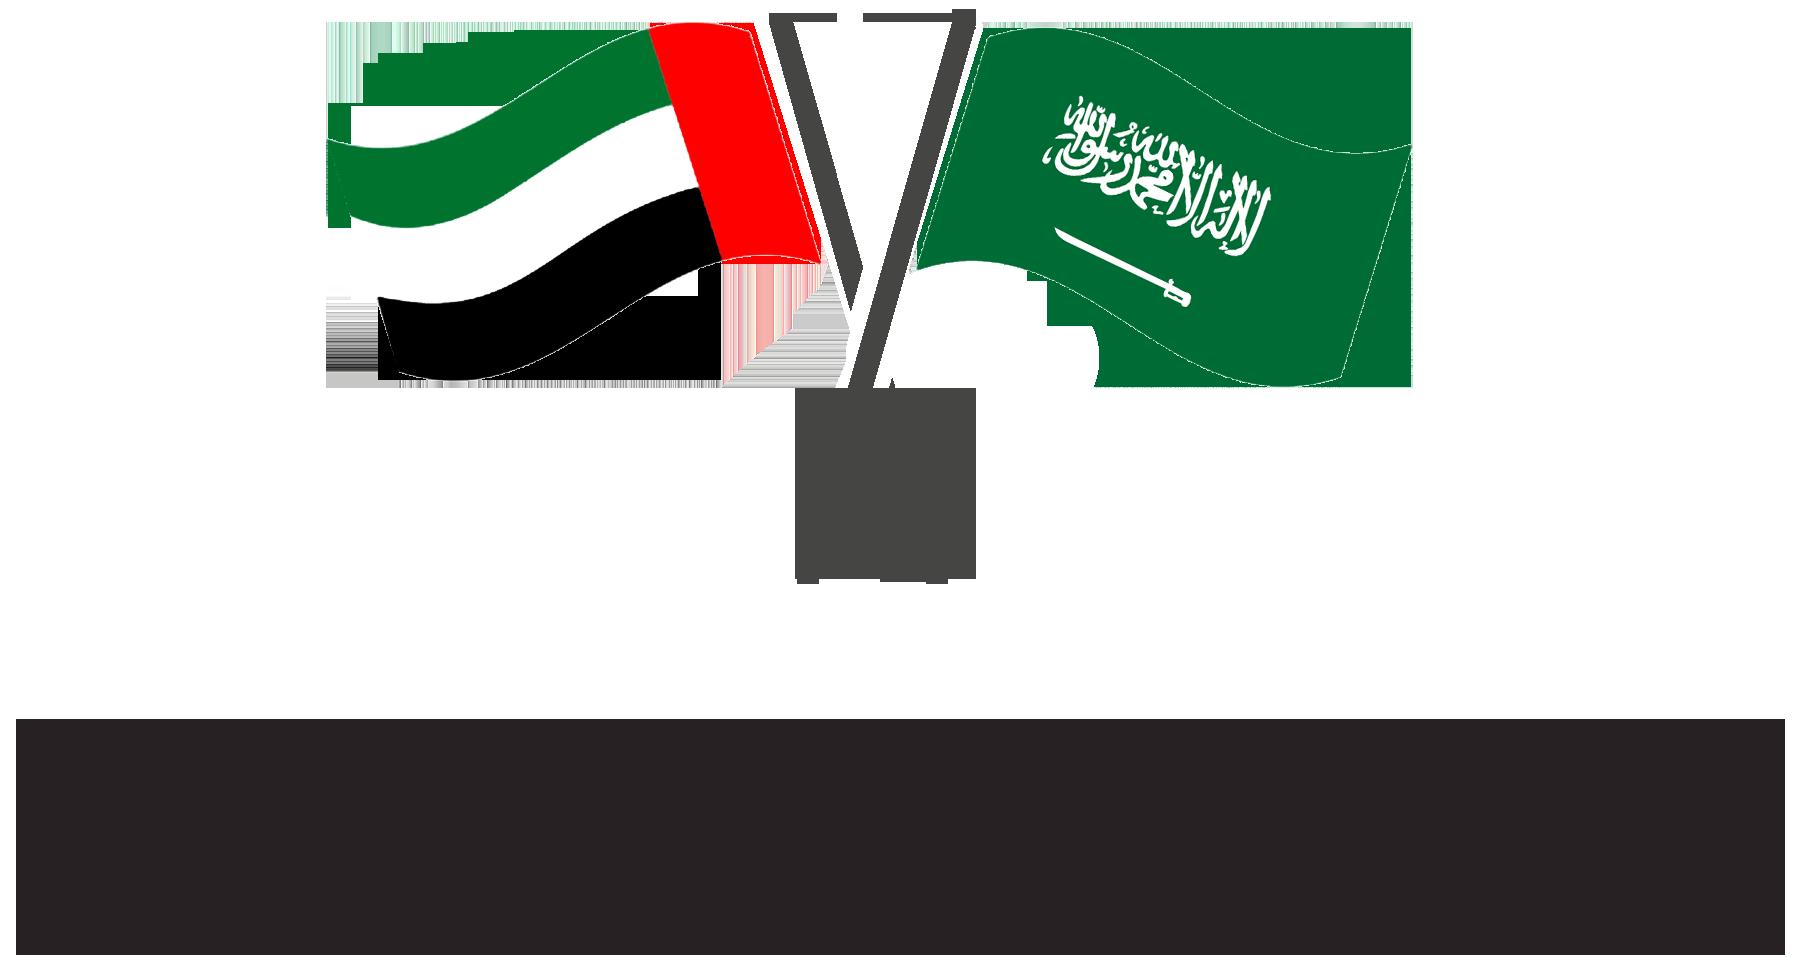 التنسيق السعودي الإماراتي يرسخ واقعاً جديداً في العلاقات الاقتصادية والتجارية